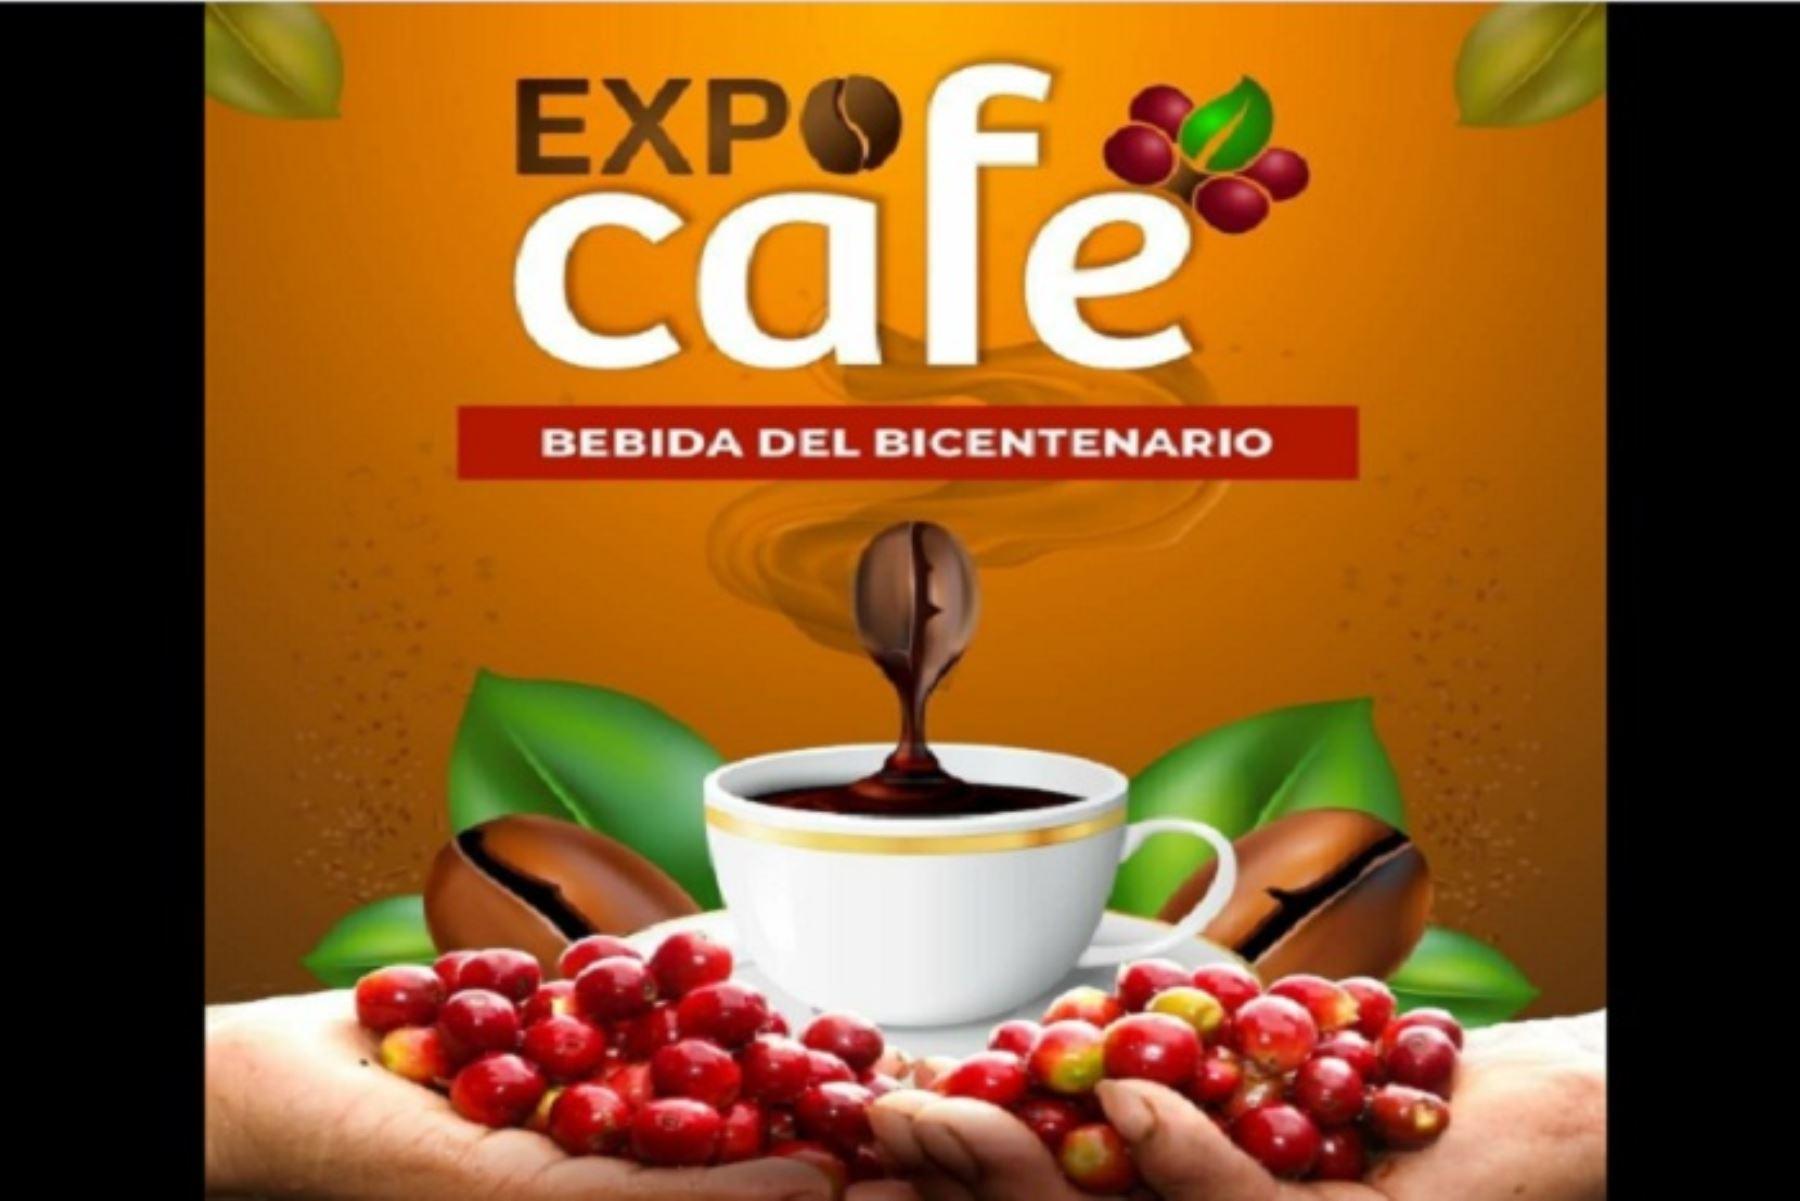 Los asistentes podrán encontrar productos derivados del café, cacao y frutales; además, chocotejas, mermeladas, jaleas, pasta pura de cacao y otros.